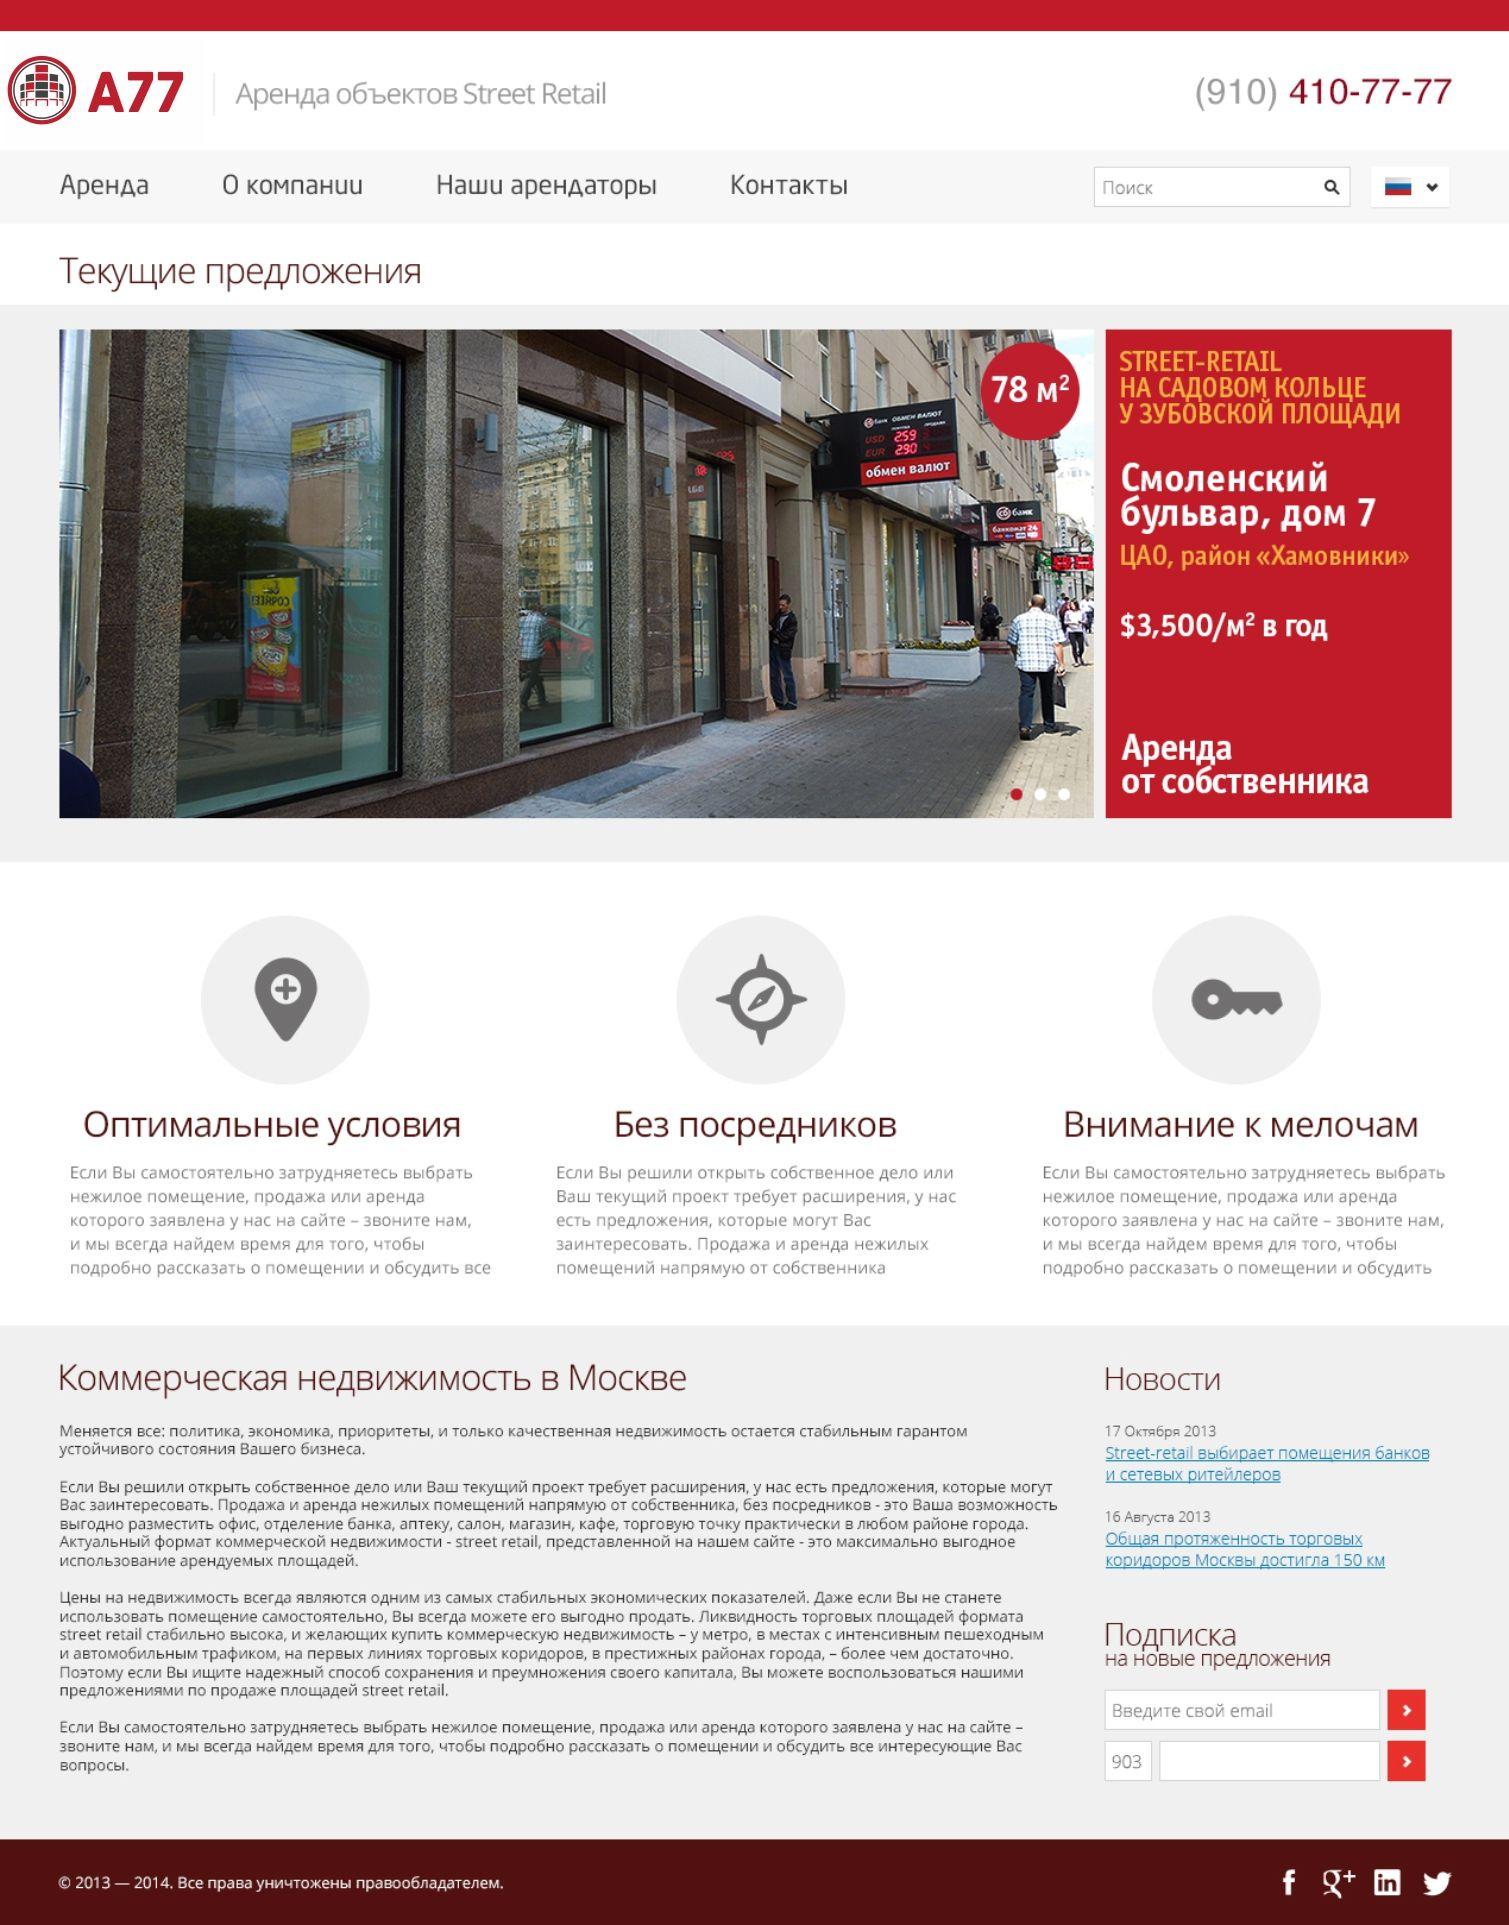 Лого для сайта по коммерческой недвижимости A77.RU - дизайнер sprite3d21